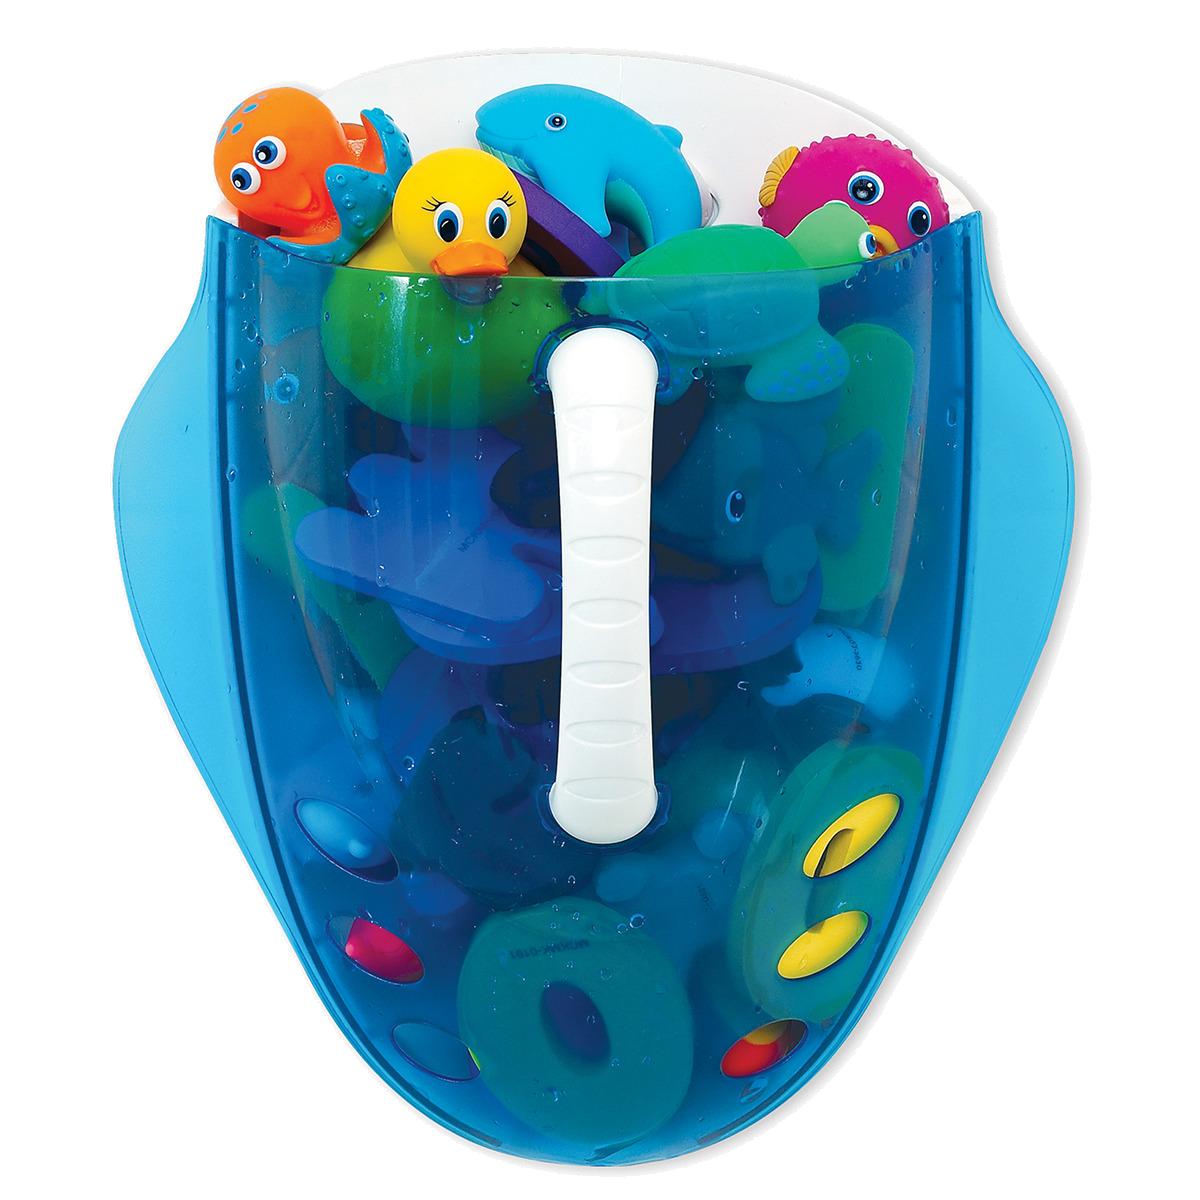 Θήκη οργάνωσης παιχνιδιών μπάνιου Munchkin